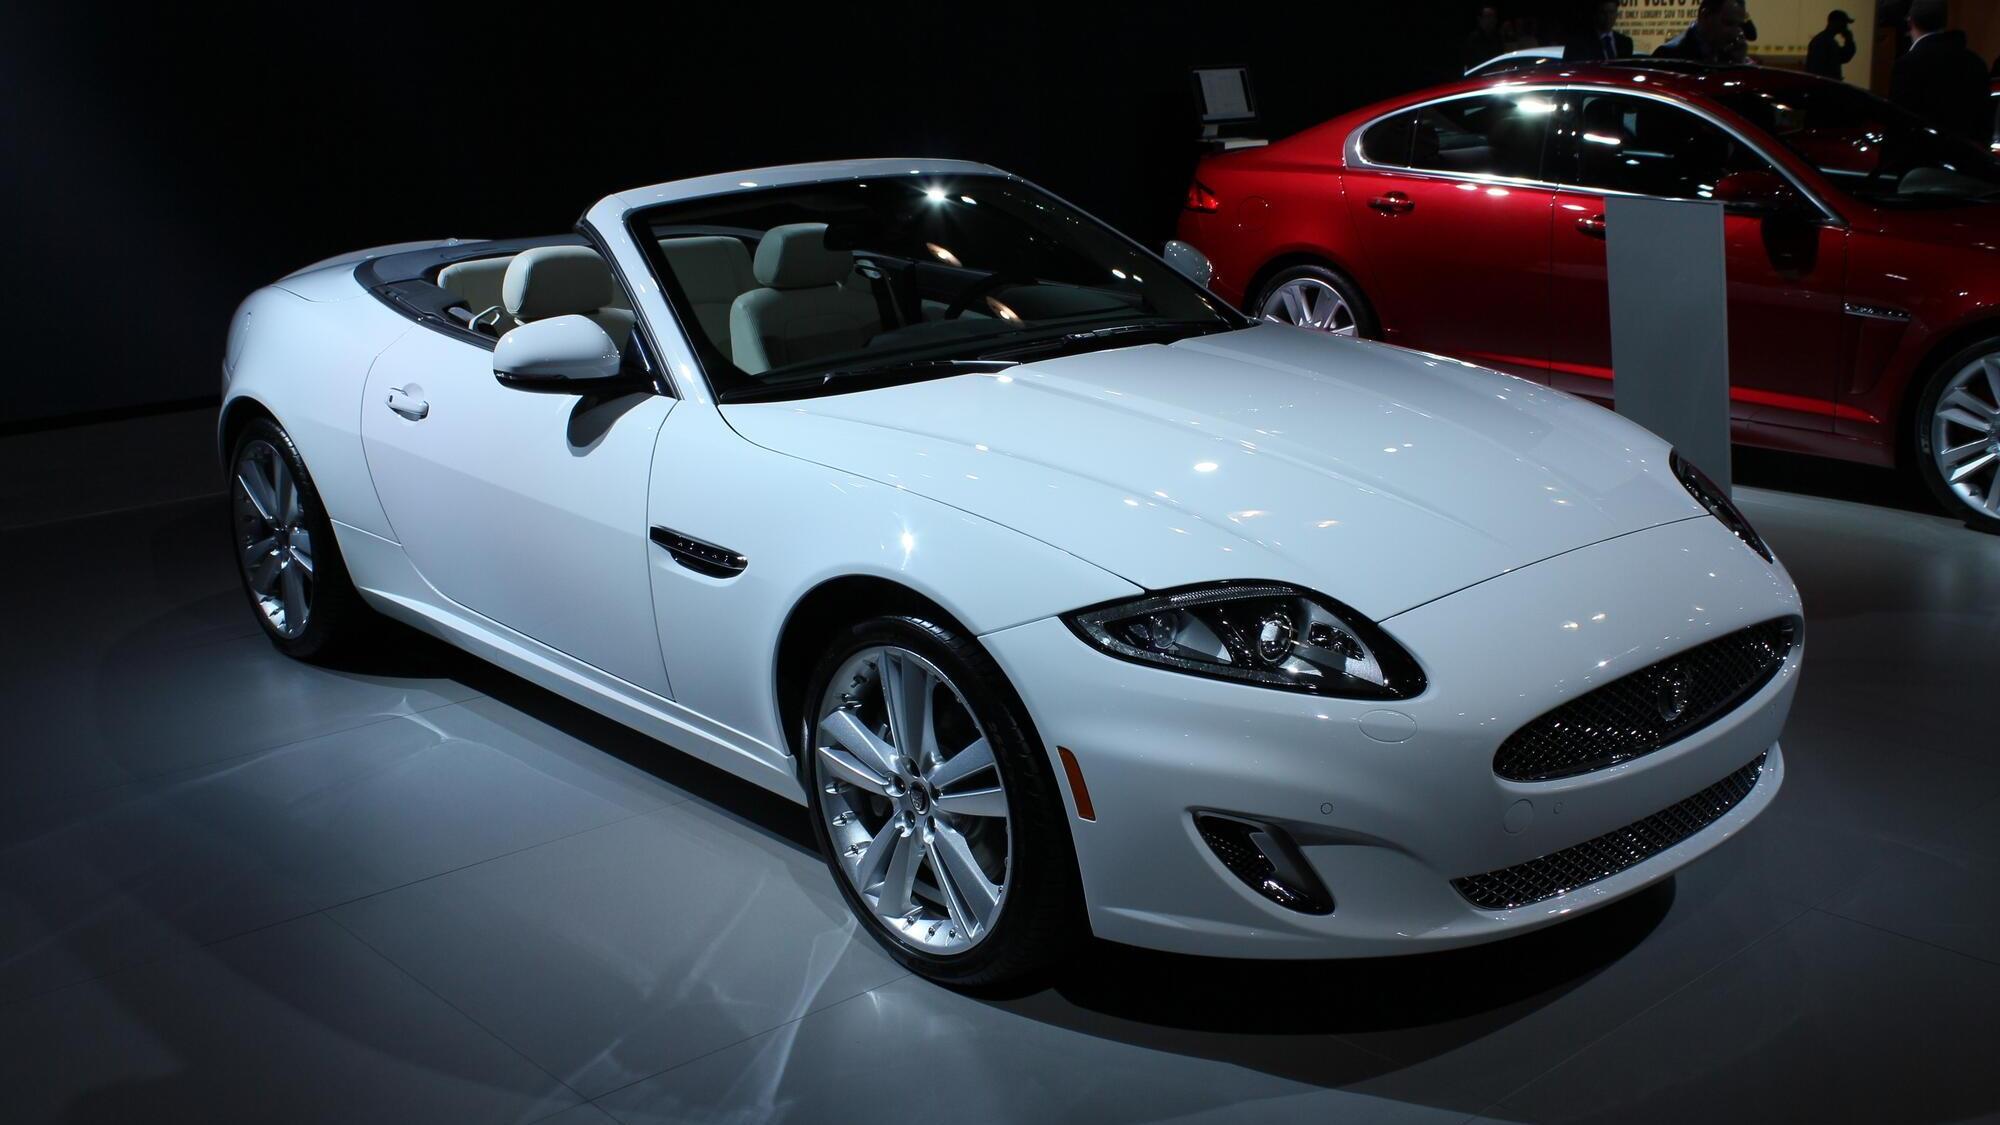 2012 Jaguar XK Convertible live photos